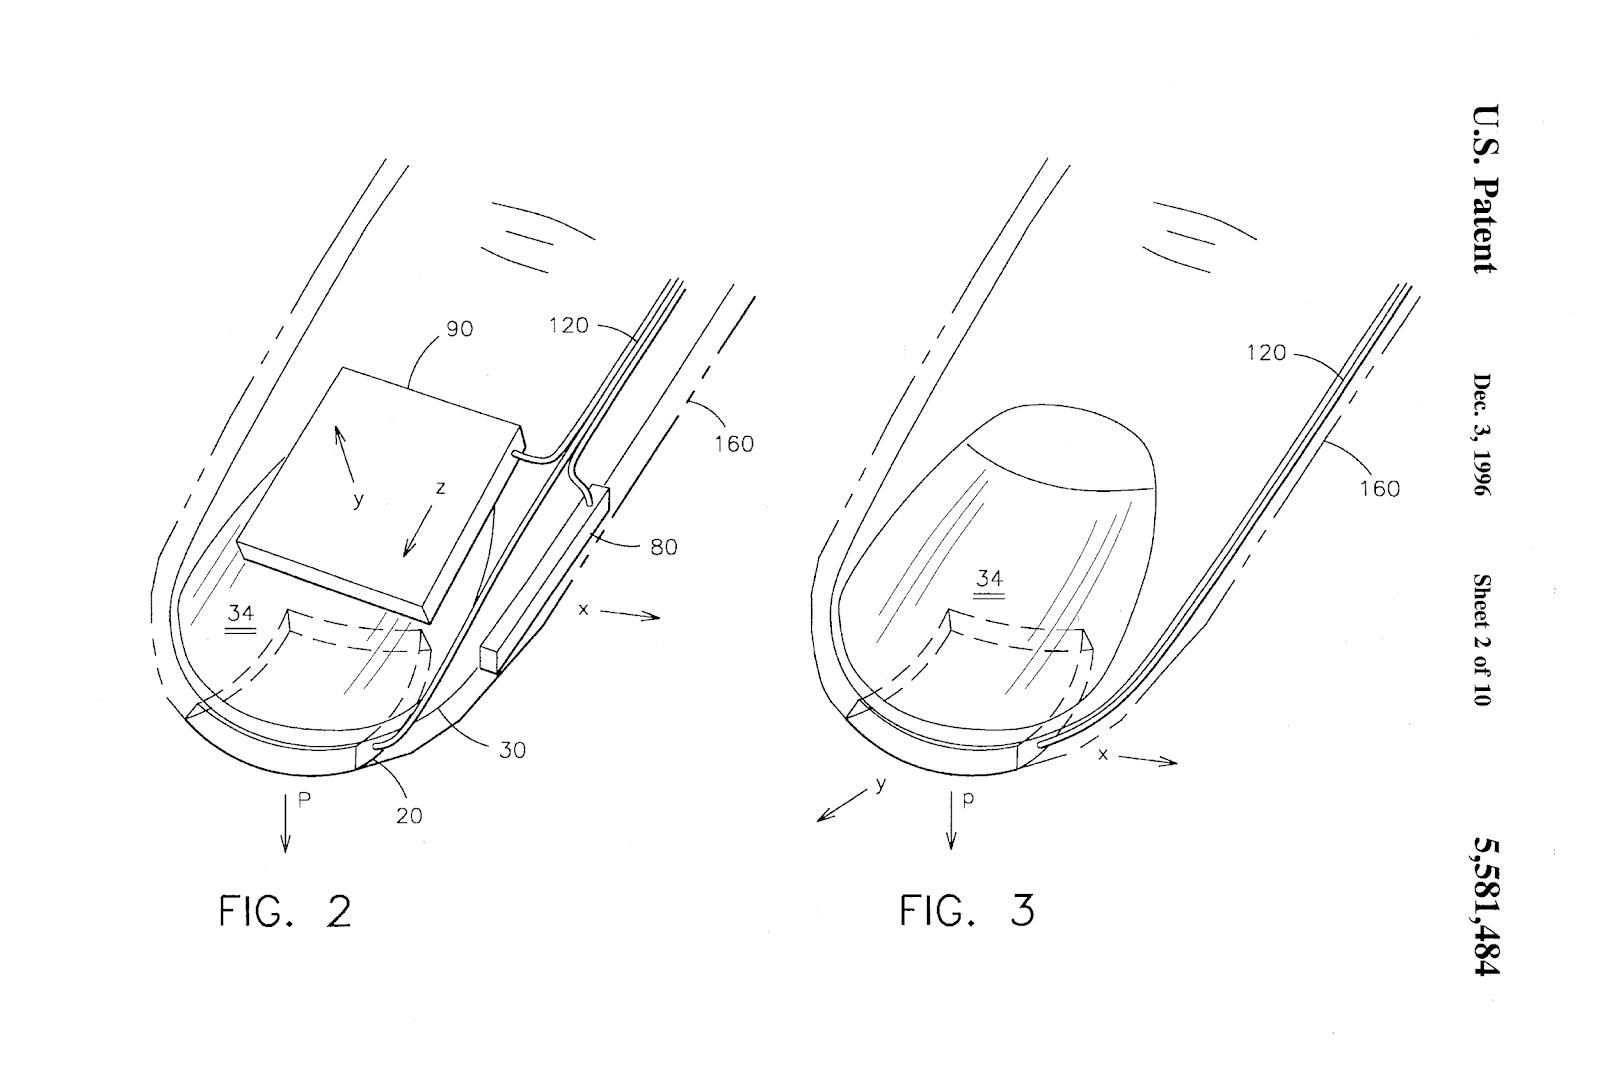 Качаем пресс с помощью игрового контроллера, или 8 необычных патентов на устройства ввода - 12